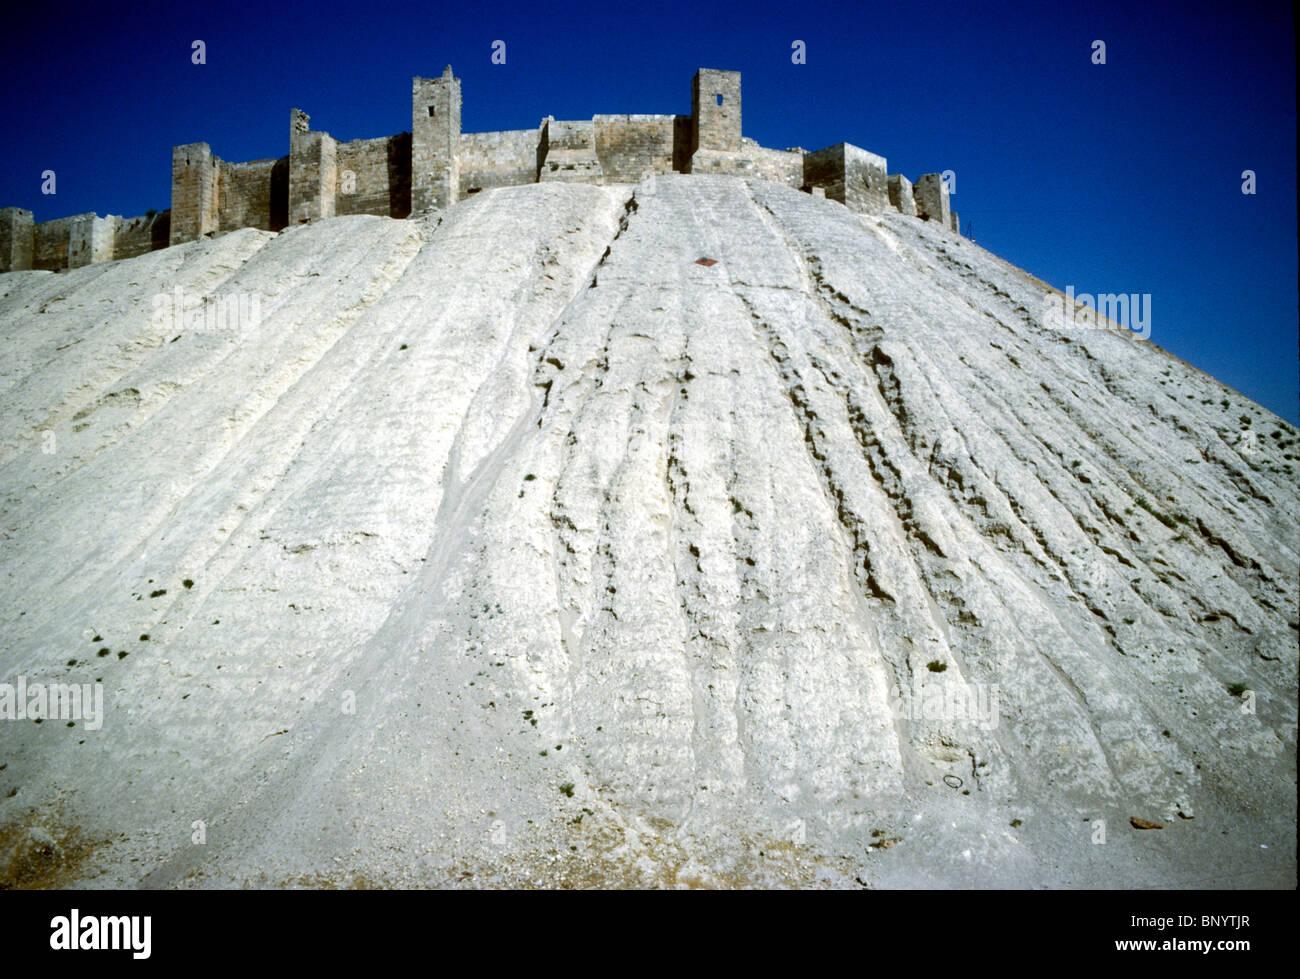 Blick auf die alte Zitadelle in Aleppo, Syrien Stockbild